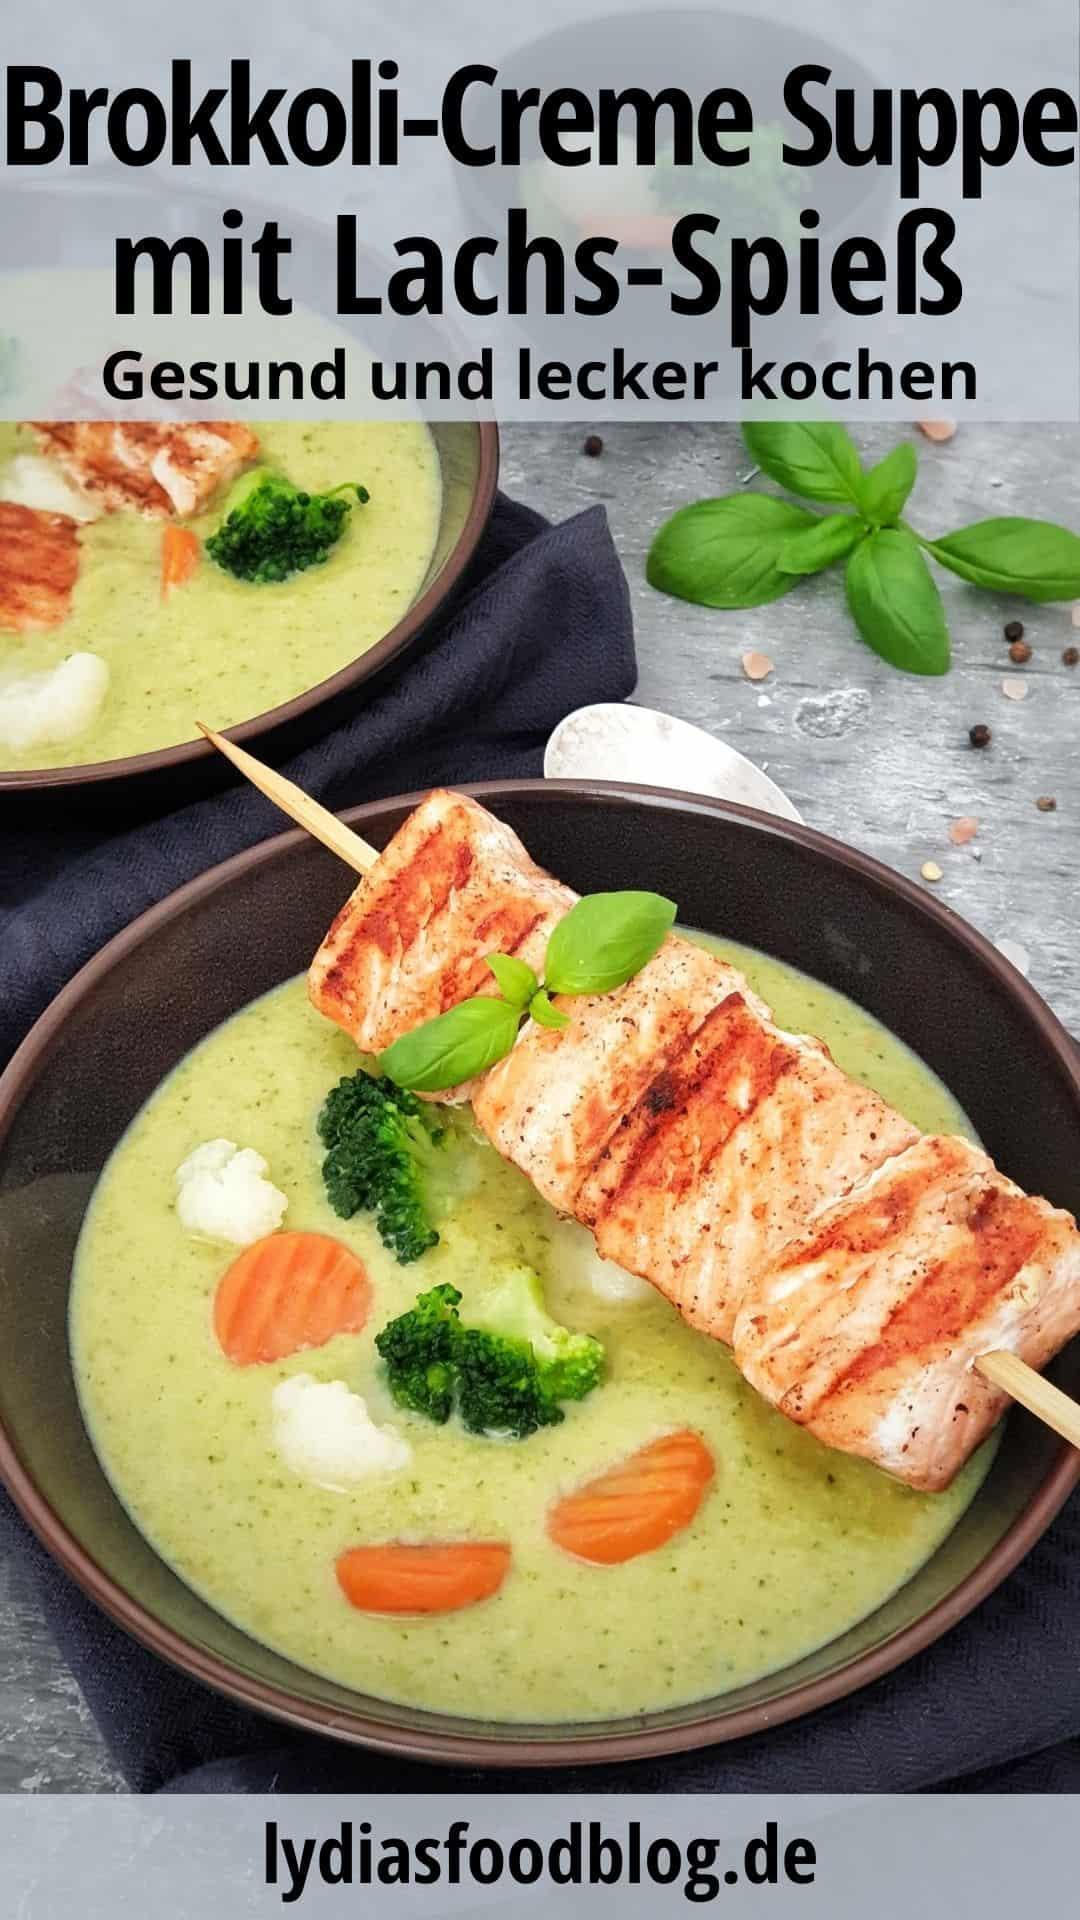 In zwei braunen Schalen angerichtet eine Brokkoli Creme Suppe mit Lachs-Spieß. Im Hintergrund Deko.